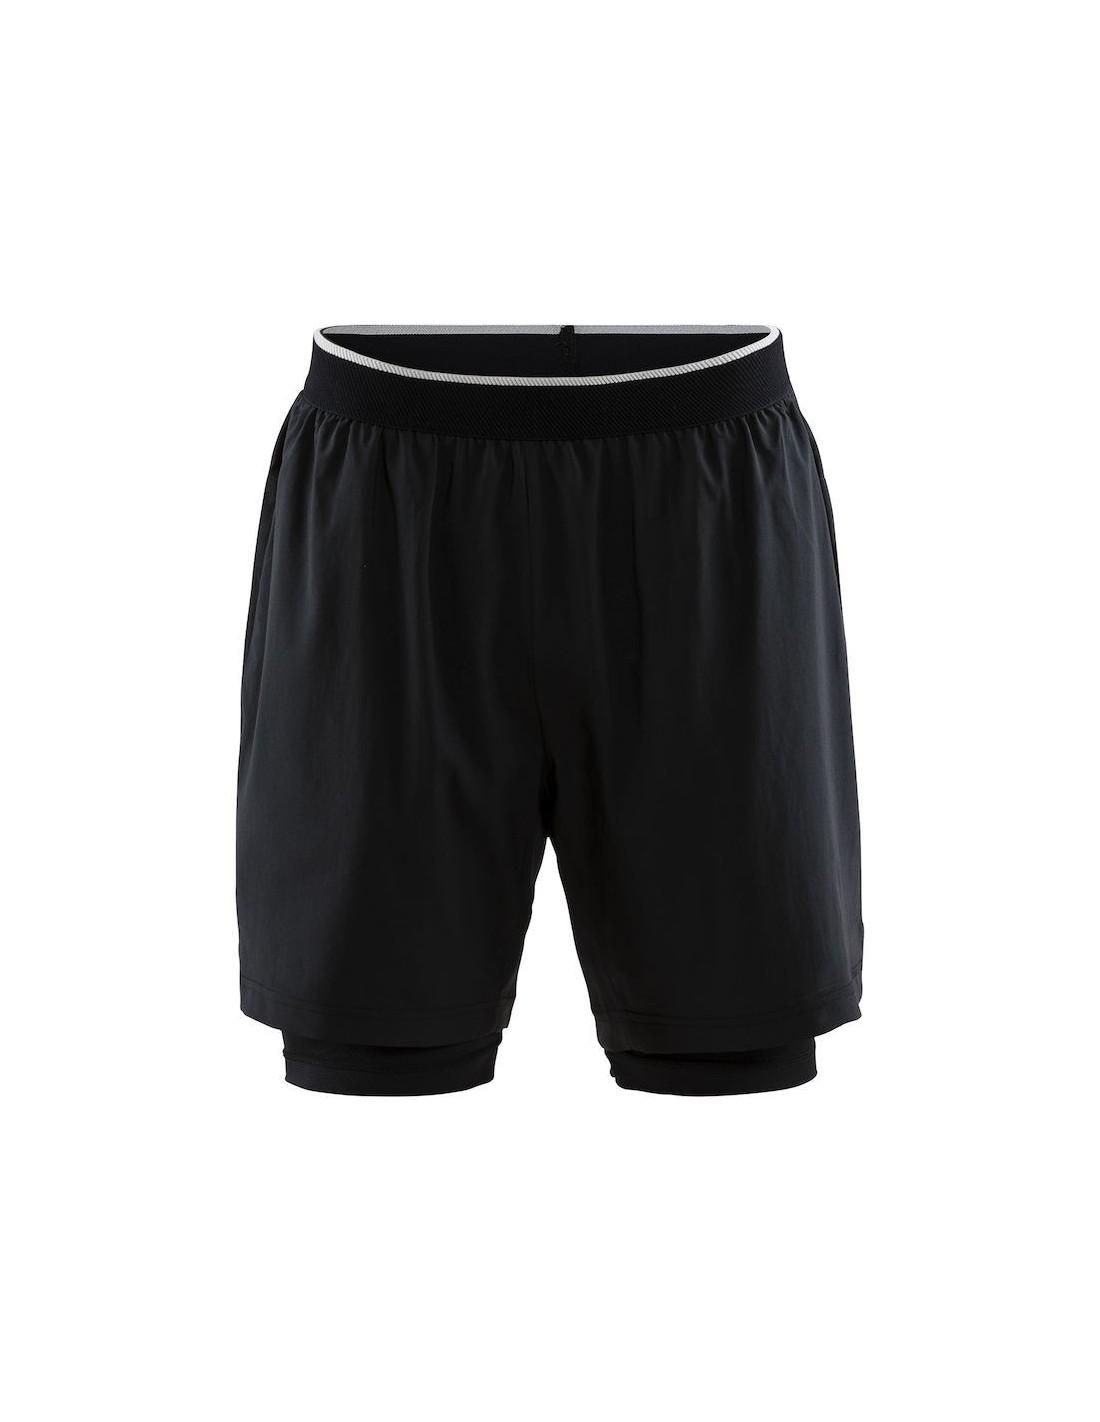 29f521a0 Spodenki Męskie 2 w 1 Craft Charge Shorts M Czarne - STSklep